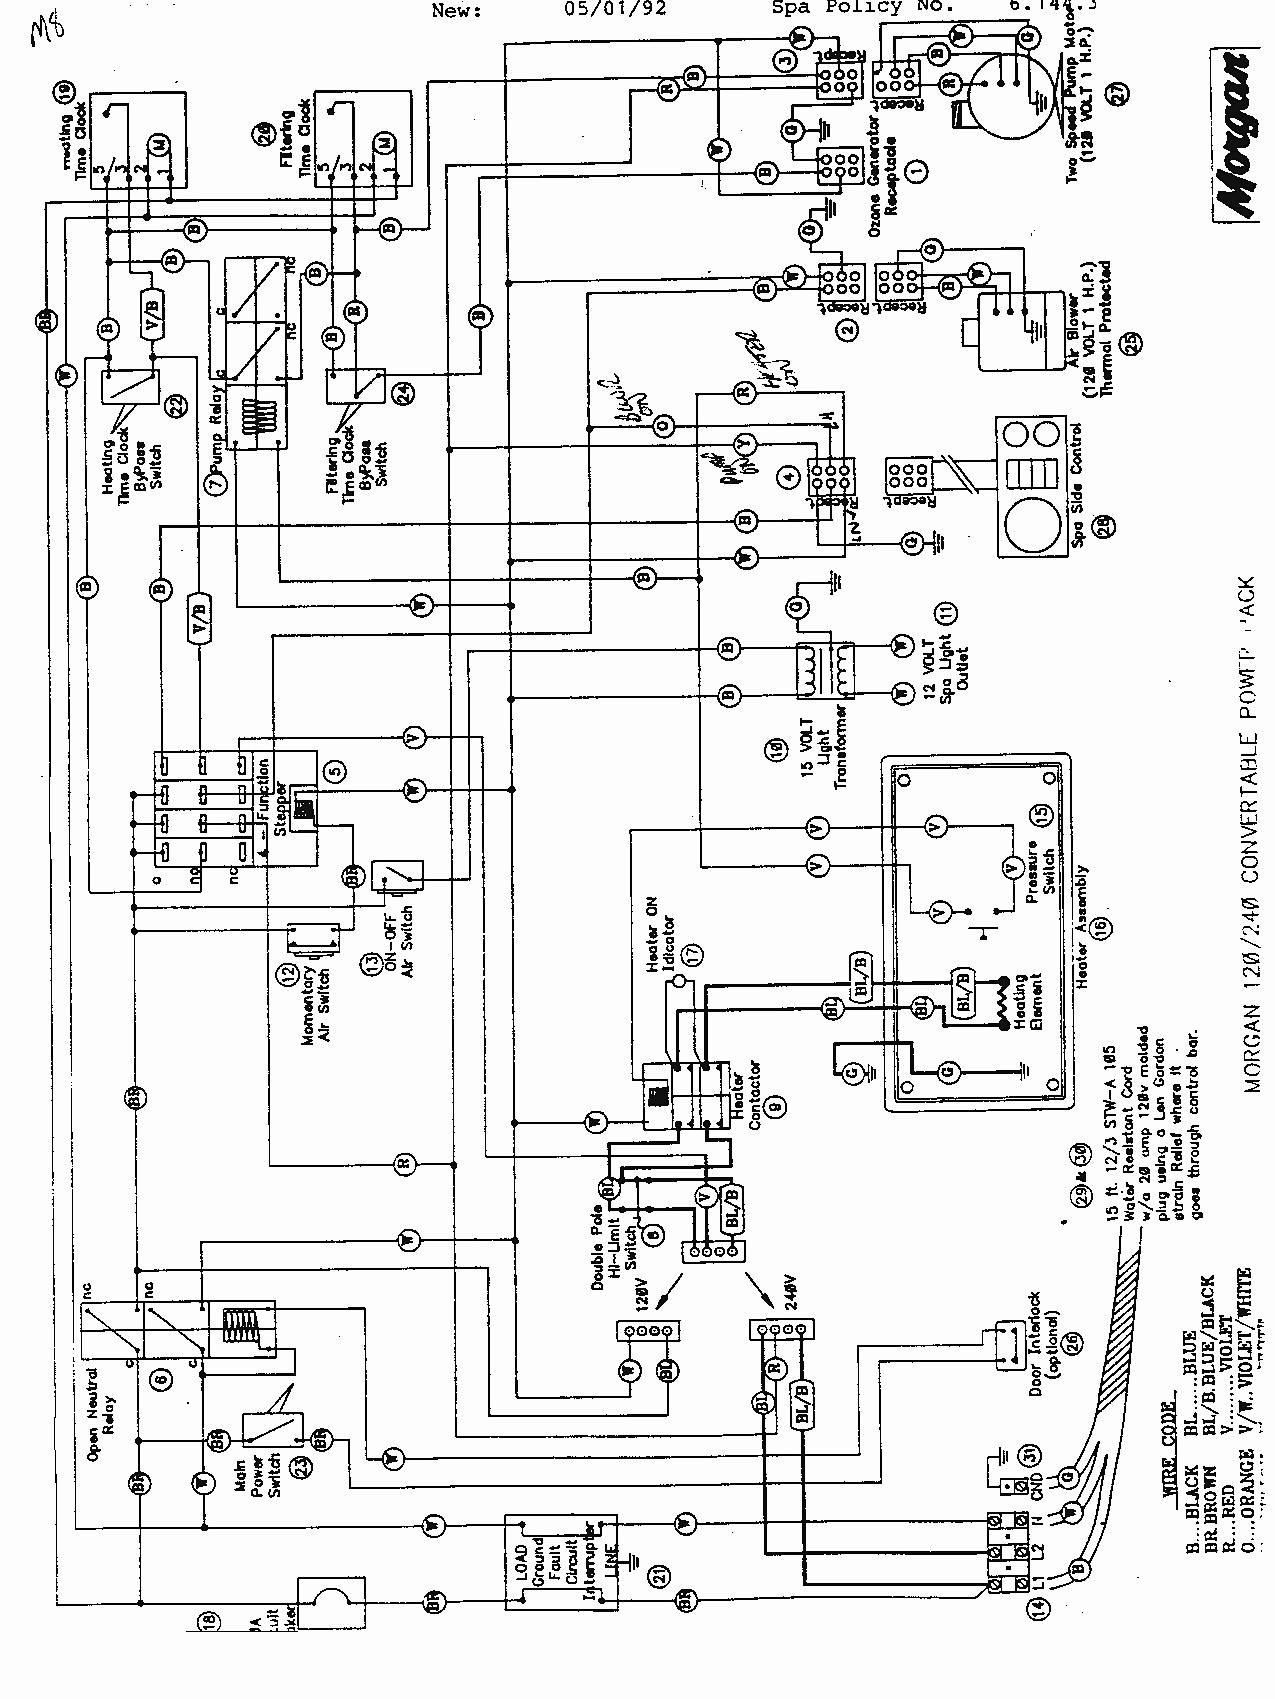 vita spa wiring schematic